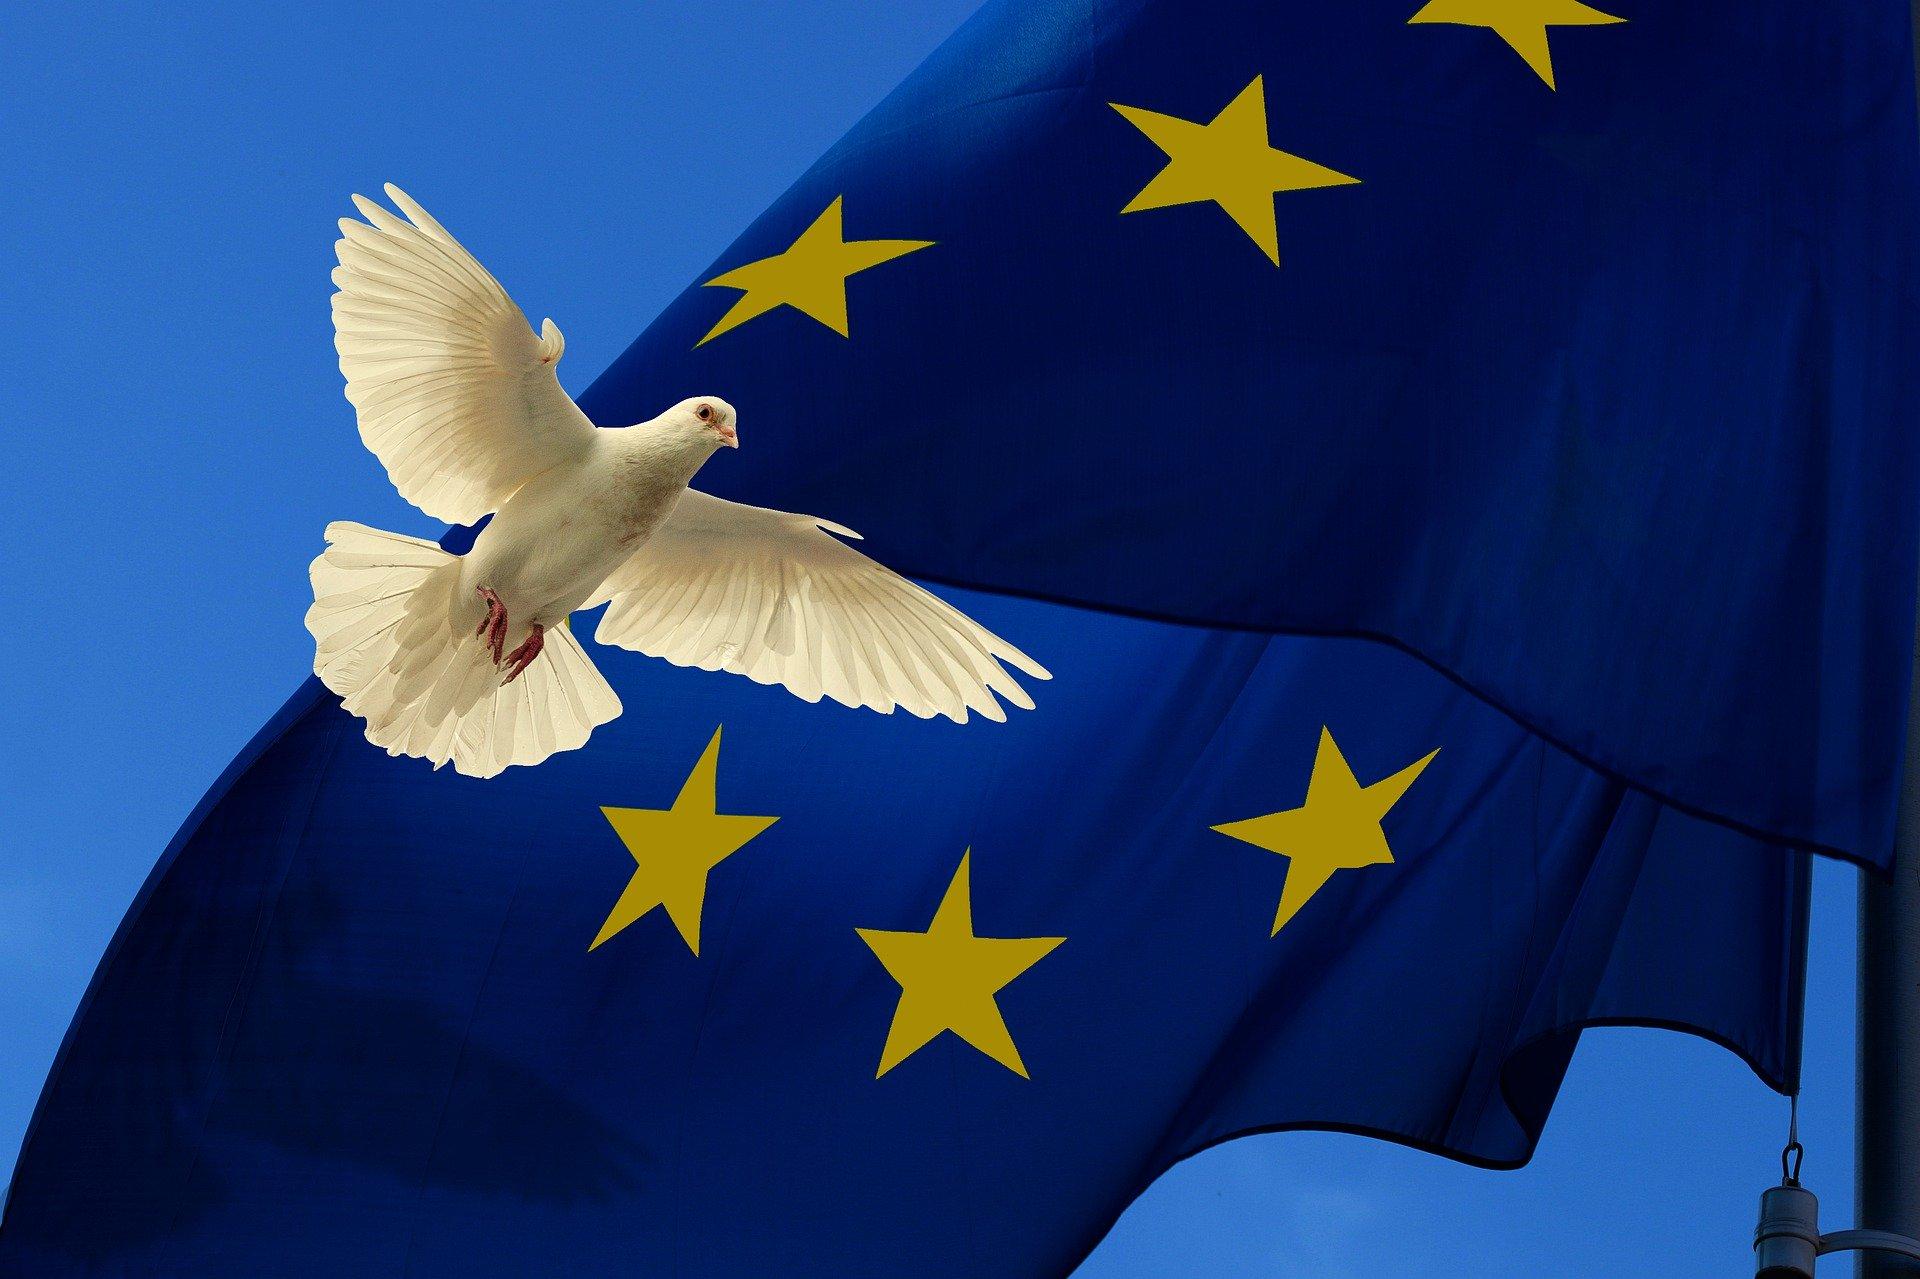 Dan Evrope v očeh evropskega poslanca Franca Bogoviča